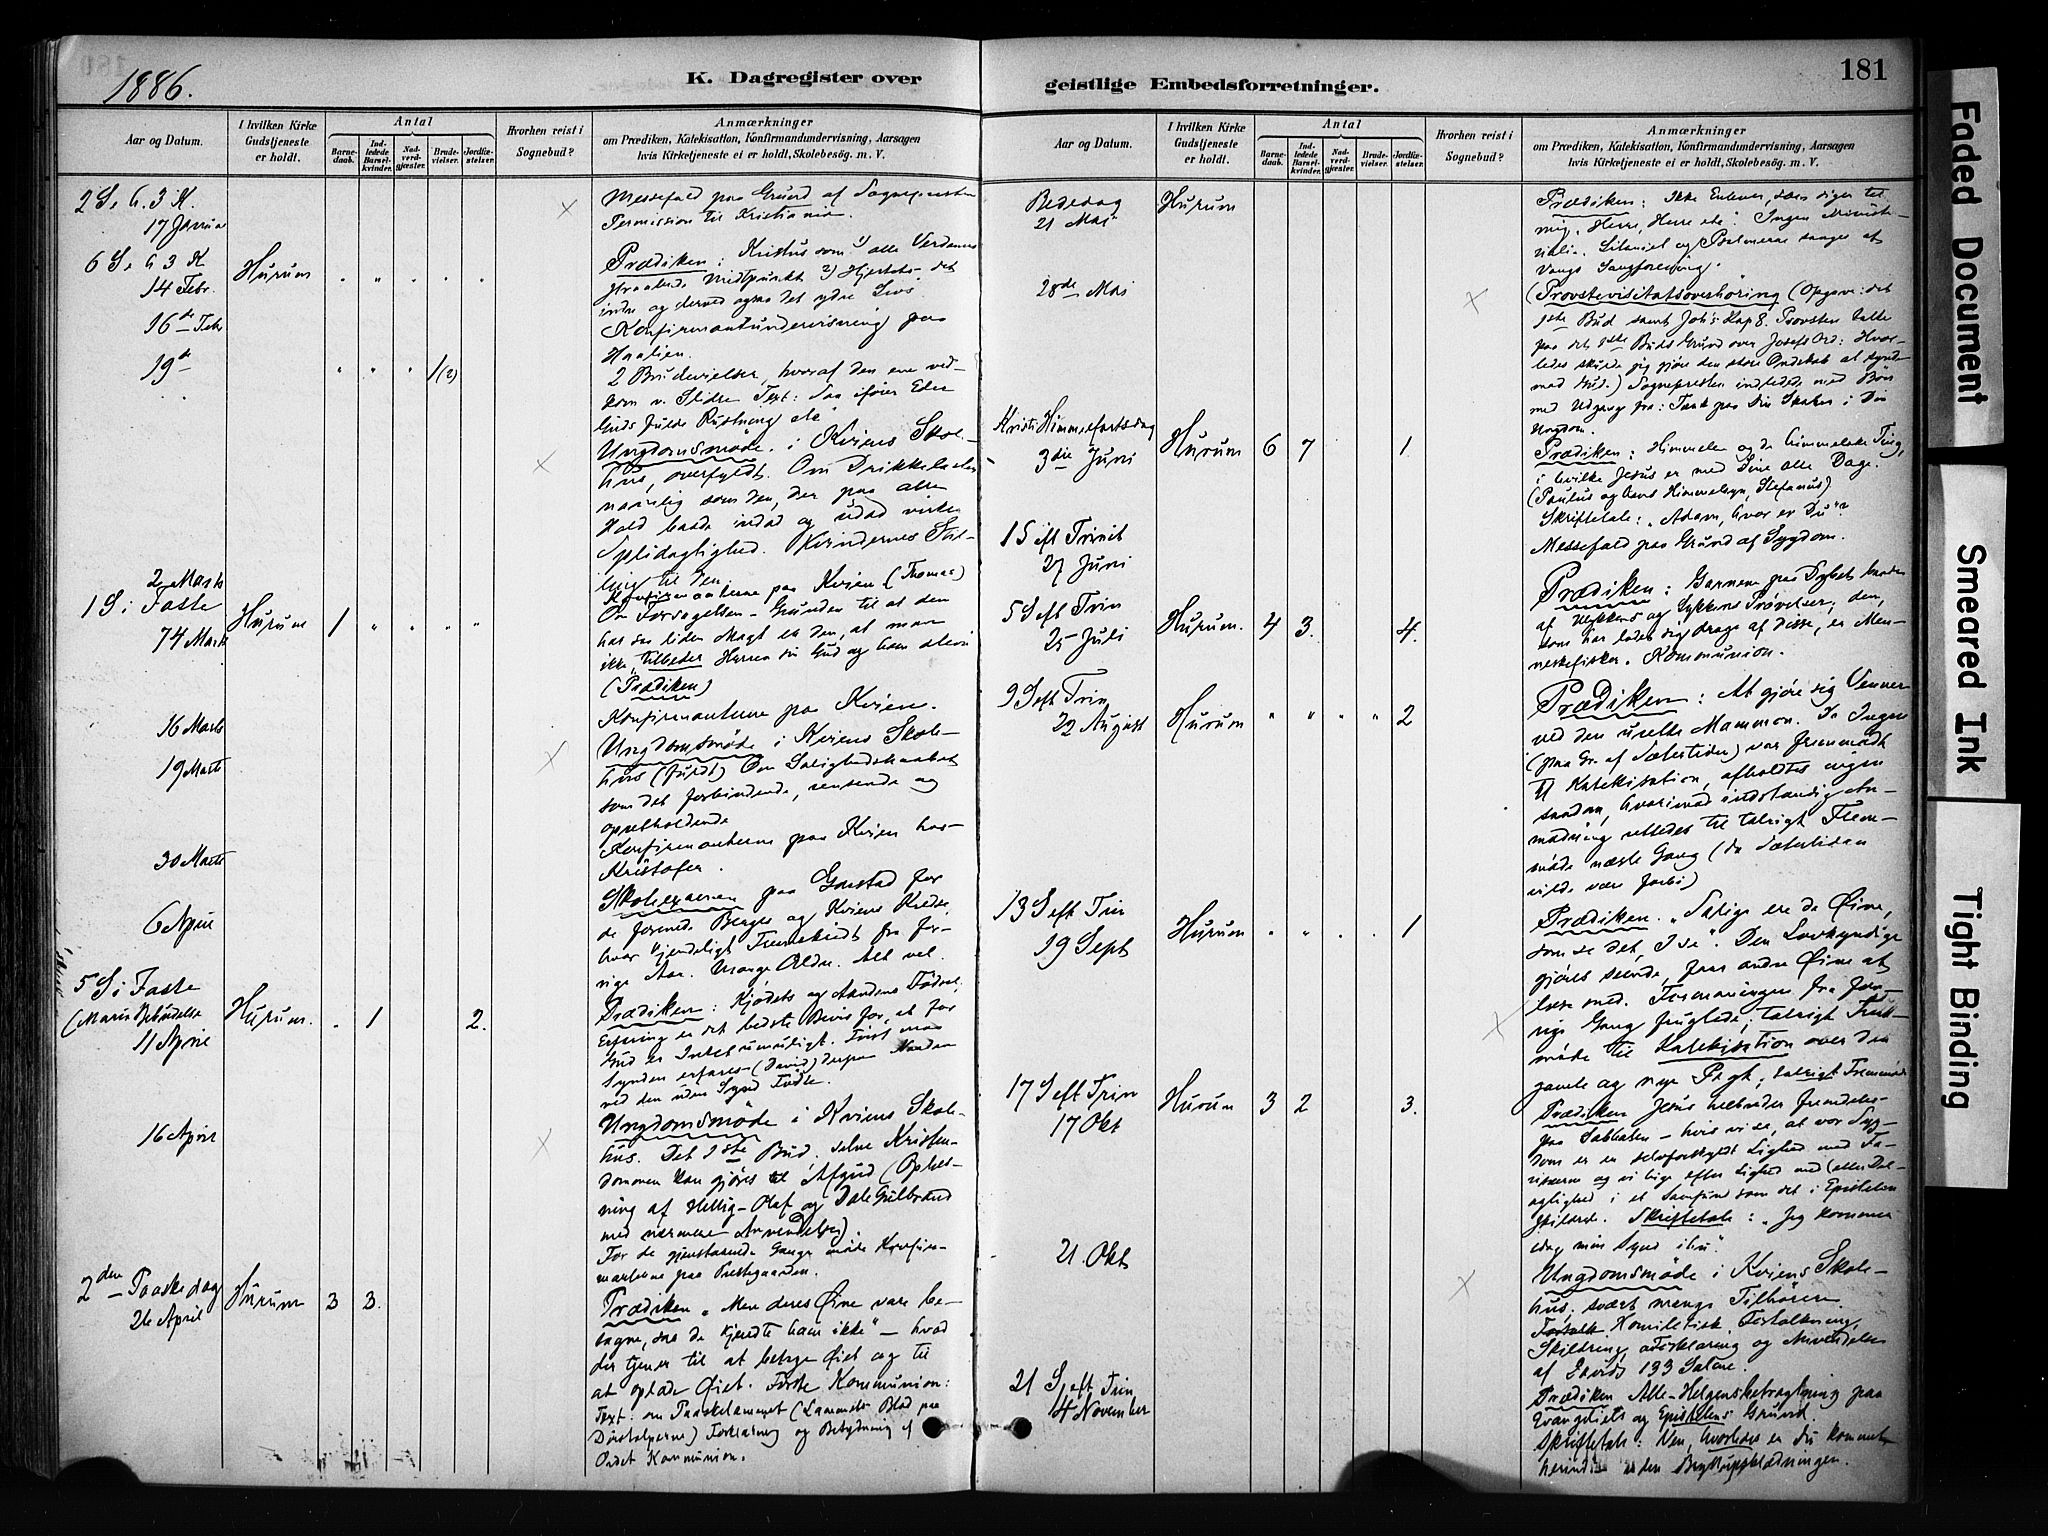 SAH, Vang prestekontor, Valdres, Ministerialbok nr. 9, 1882-1914, s. 181